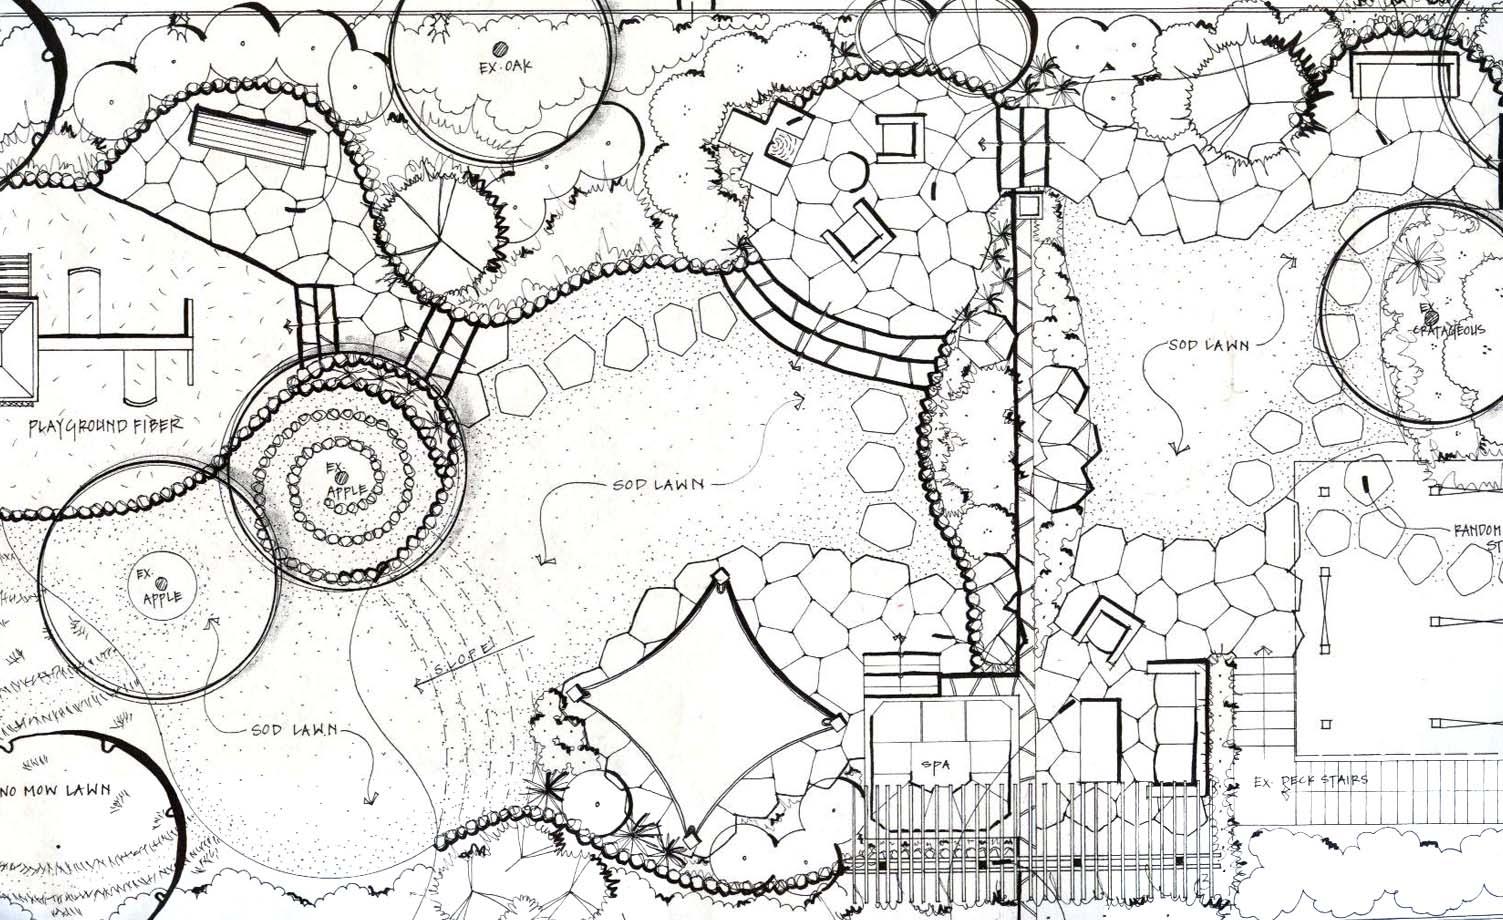 Garden Landscape Design Online online garden landscape design free the garden inspirations Garden Design With Planning Landscaping Organic Garden Landscaping With Landscaped Backyards From Organicslandwordpress